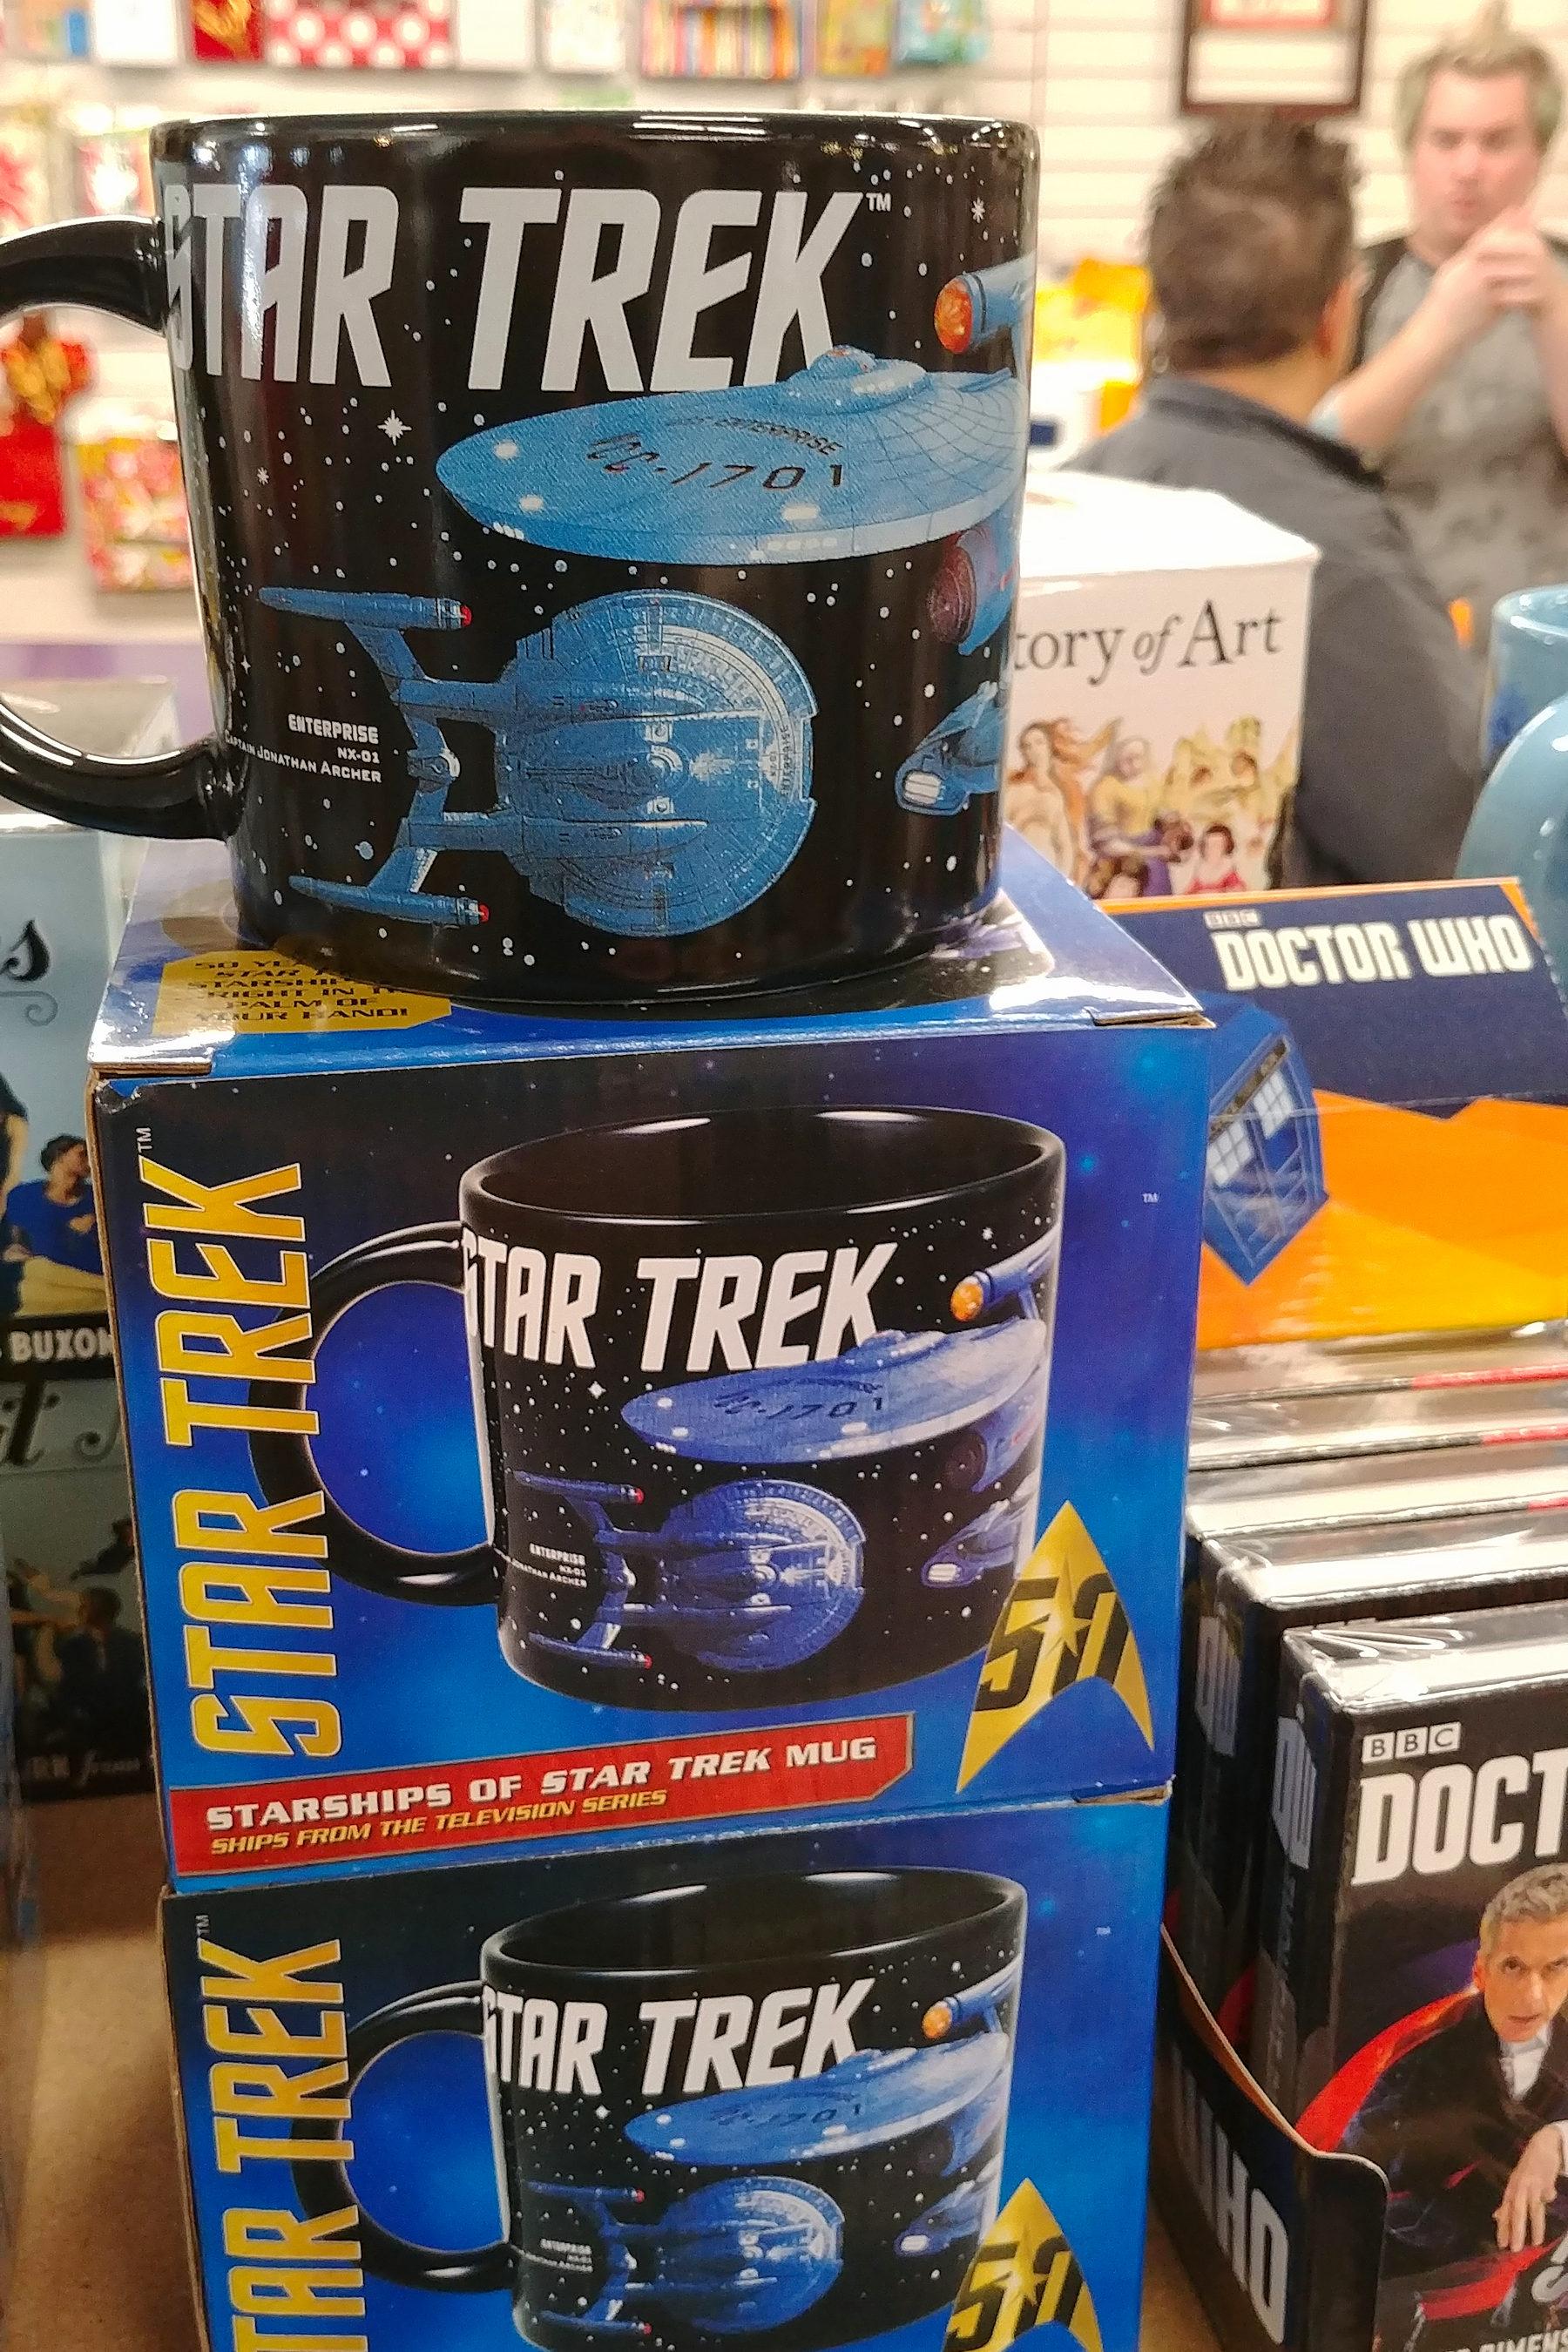 Allegheny Art - Novelty Mugs - Star Trek